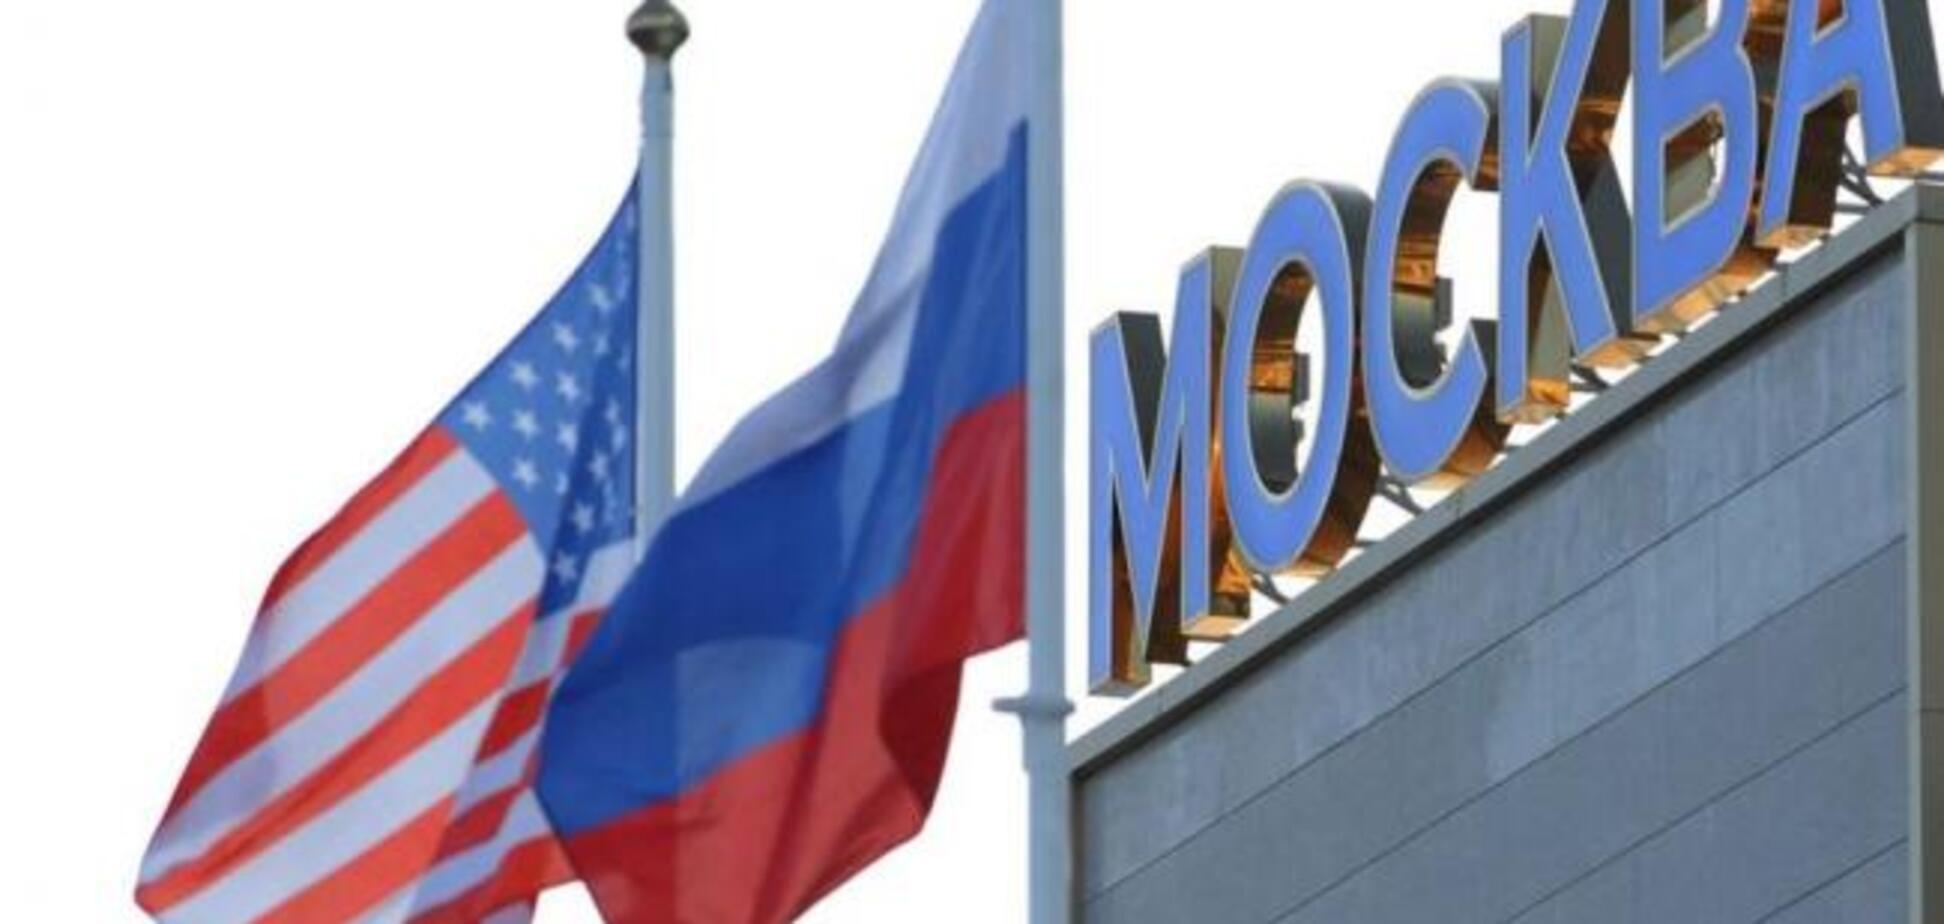 'Кремлівська доповідь': Росія пригрозила США 'дзеркальними заходами'